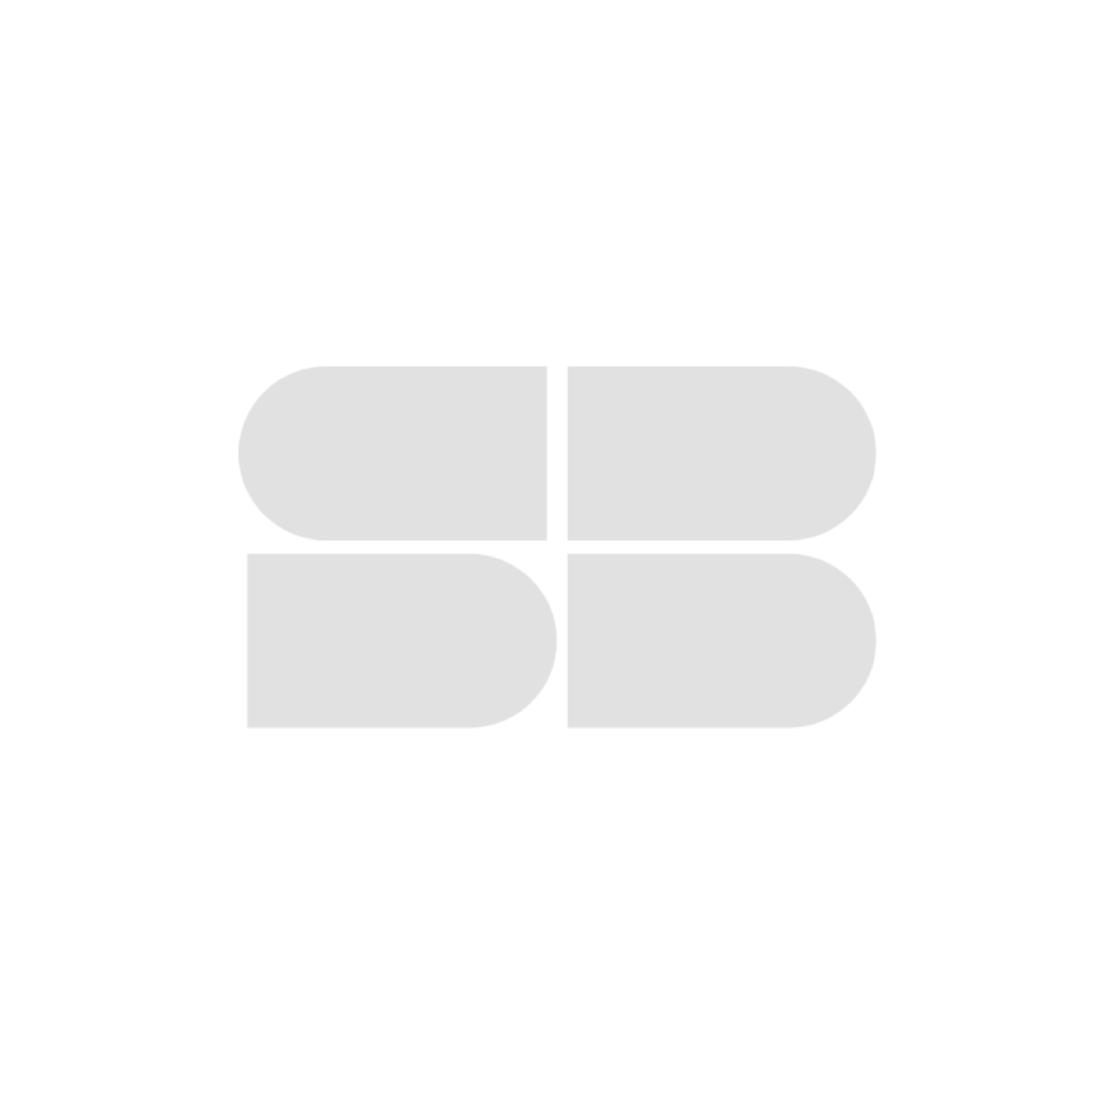 โต๊ะทำงาน ขนาด 150 ซม. รุ่น Kent-01